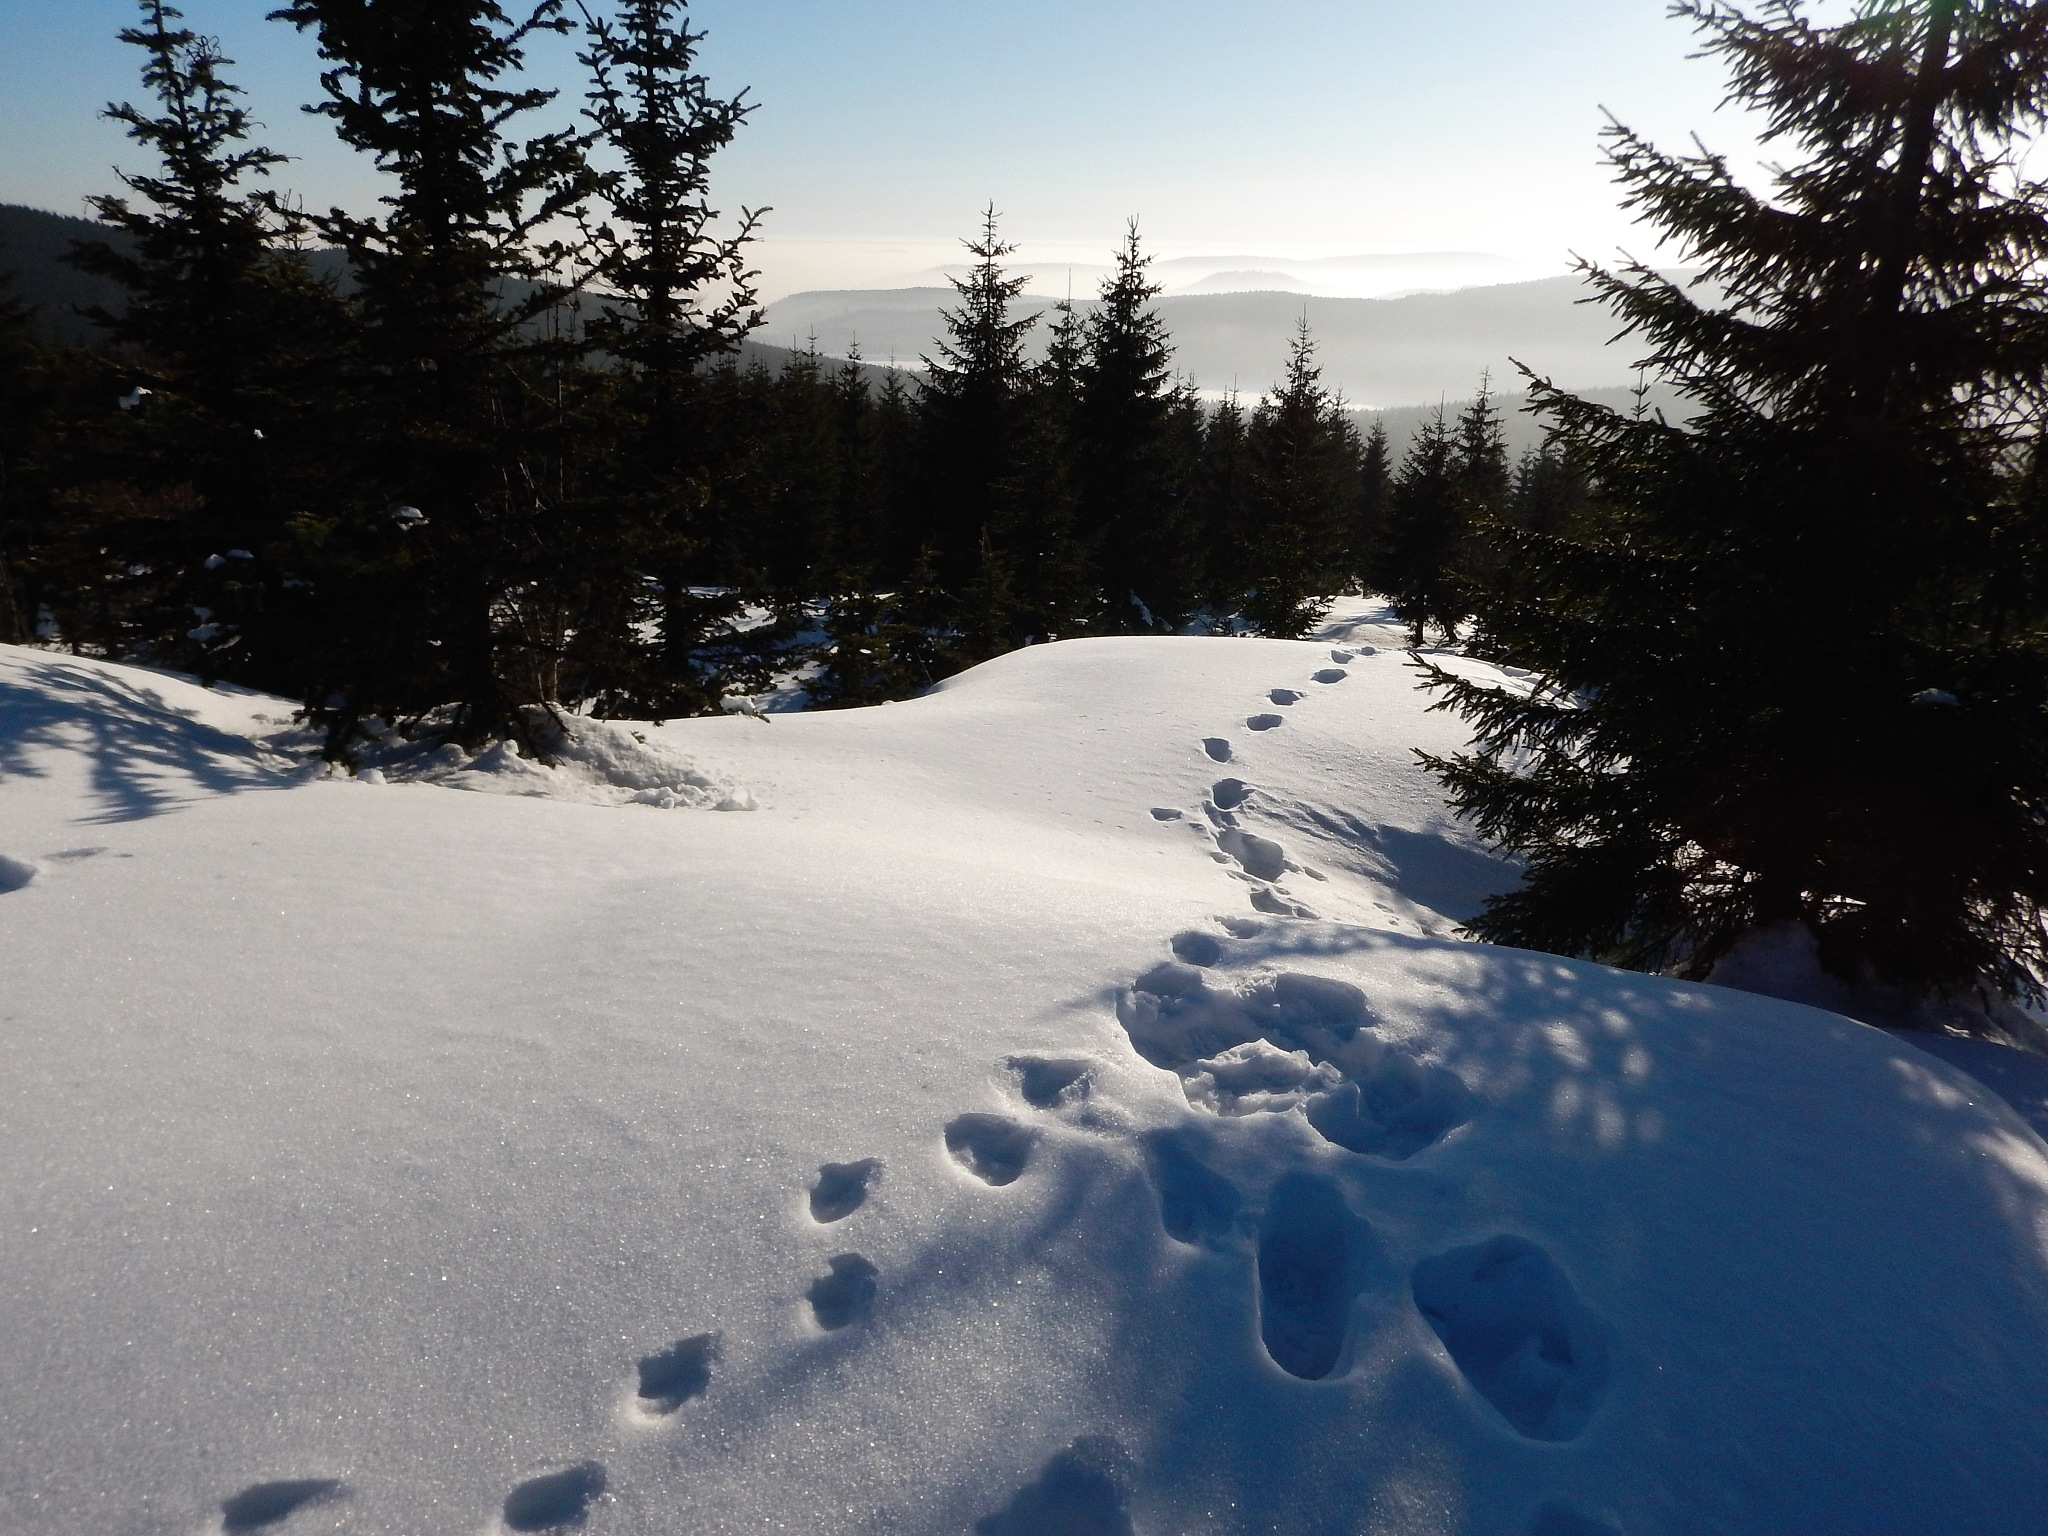 Tracks in snow by Zdenek Krchak